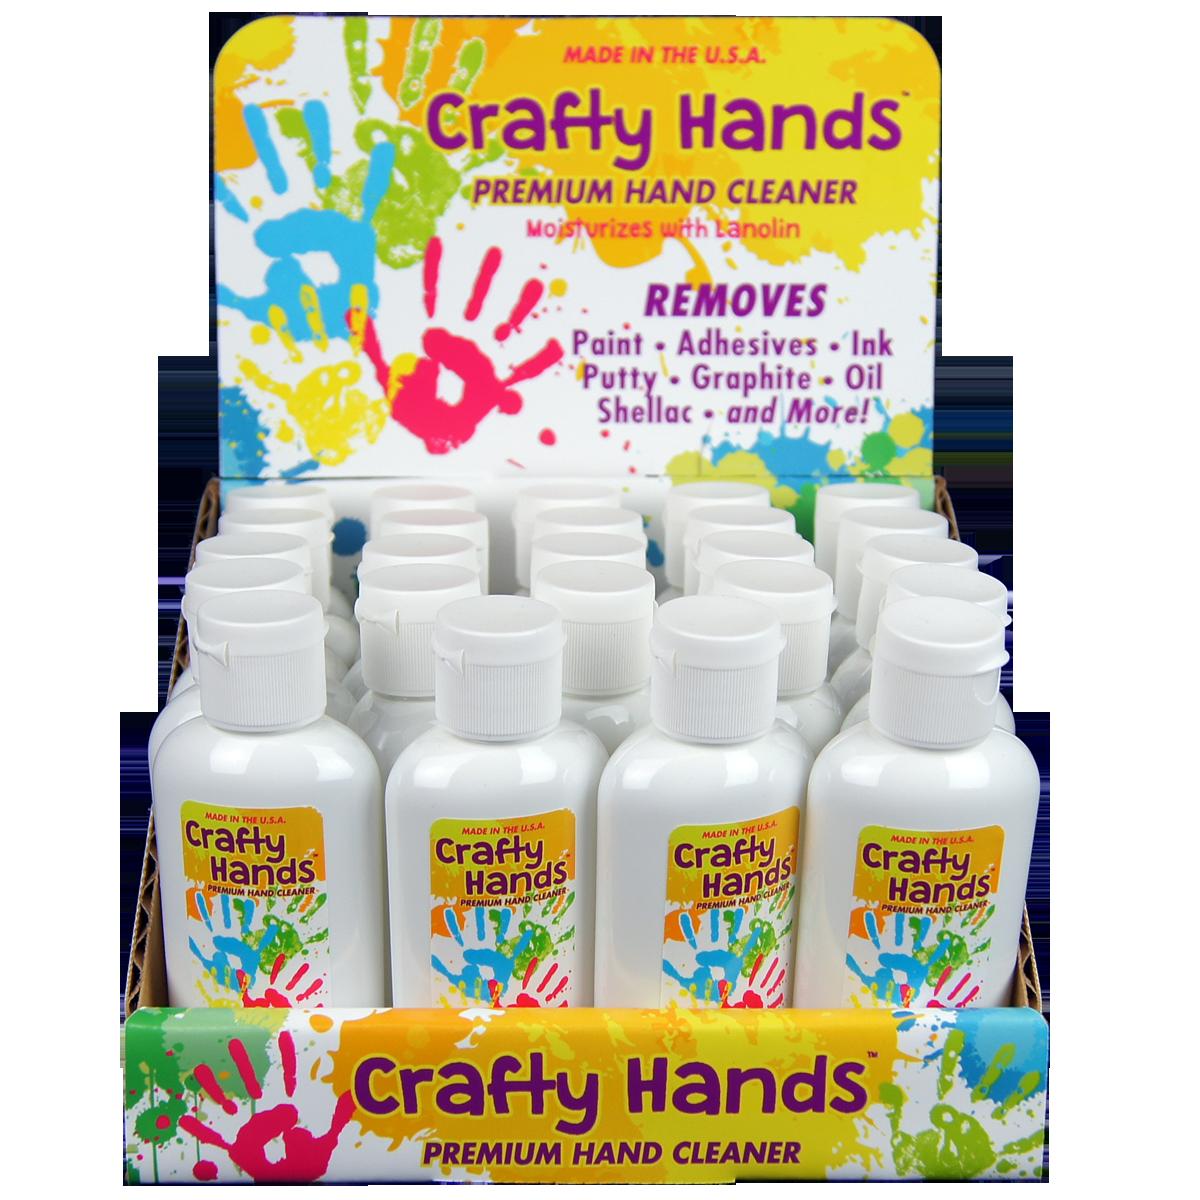 Crafty-Hands-Retail